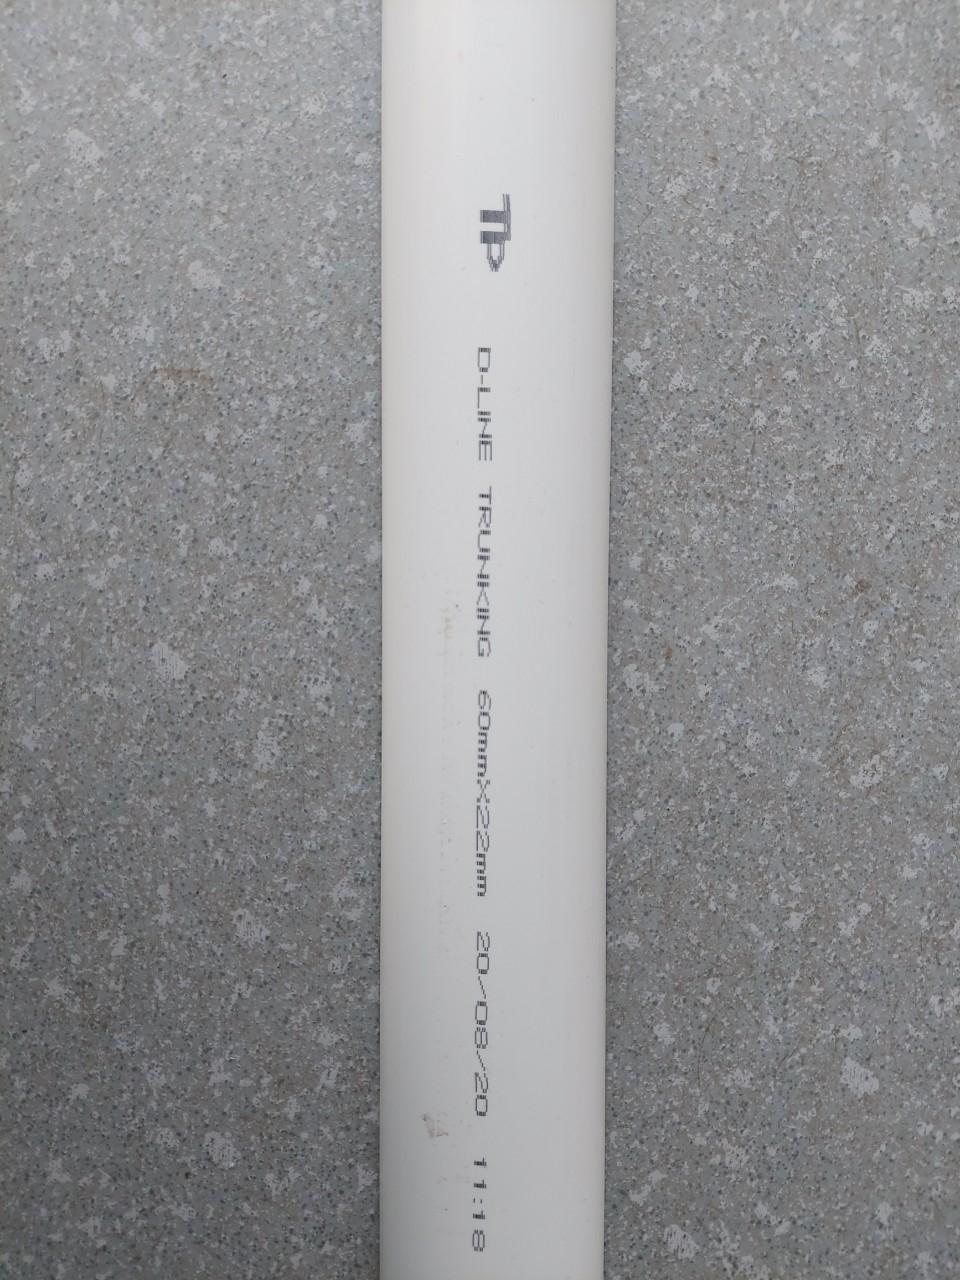 Ghen bán nguyệt, nẹp sàn bán nguyệt D60 60x22 TIẾN PHÁT